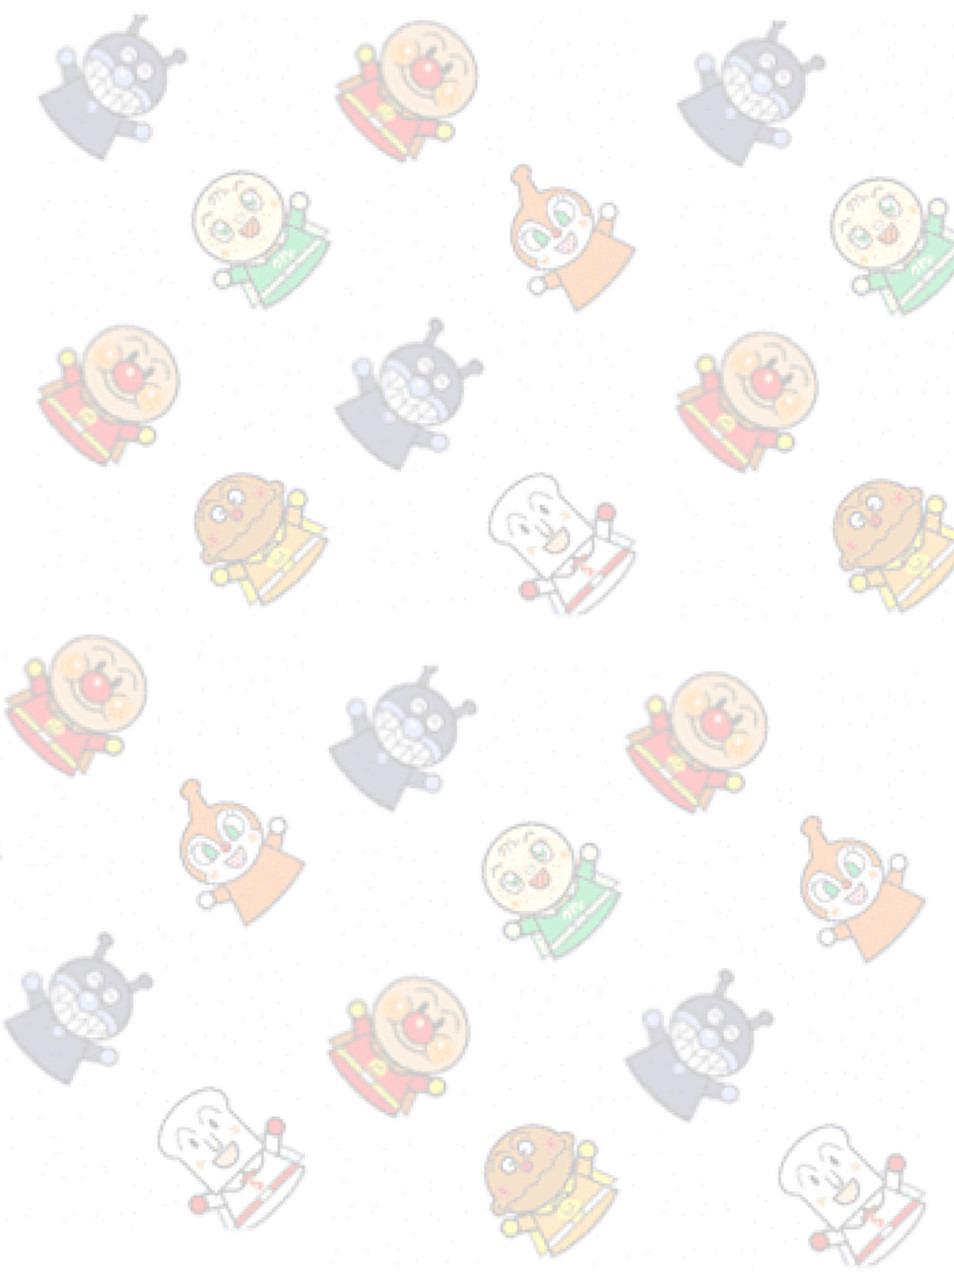 アンパンマン 背景 完全無料画像検索のプリ画像 Bygmo